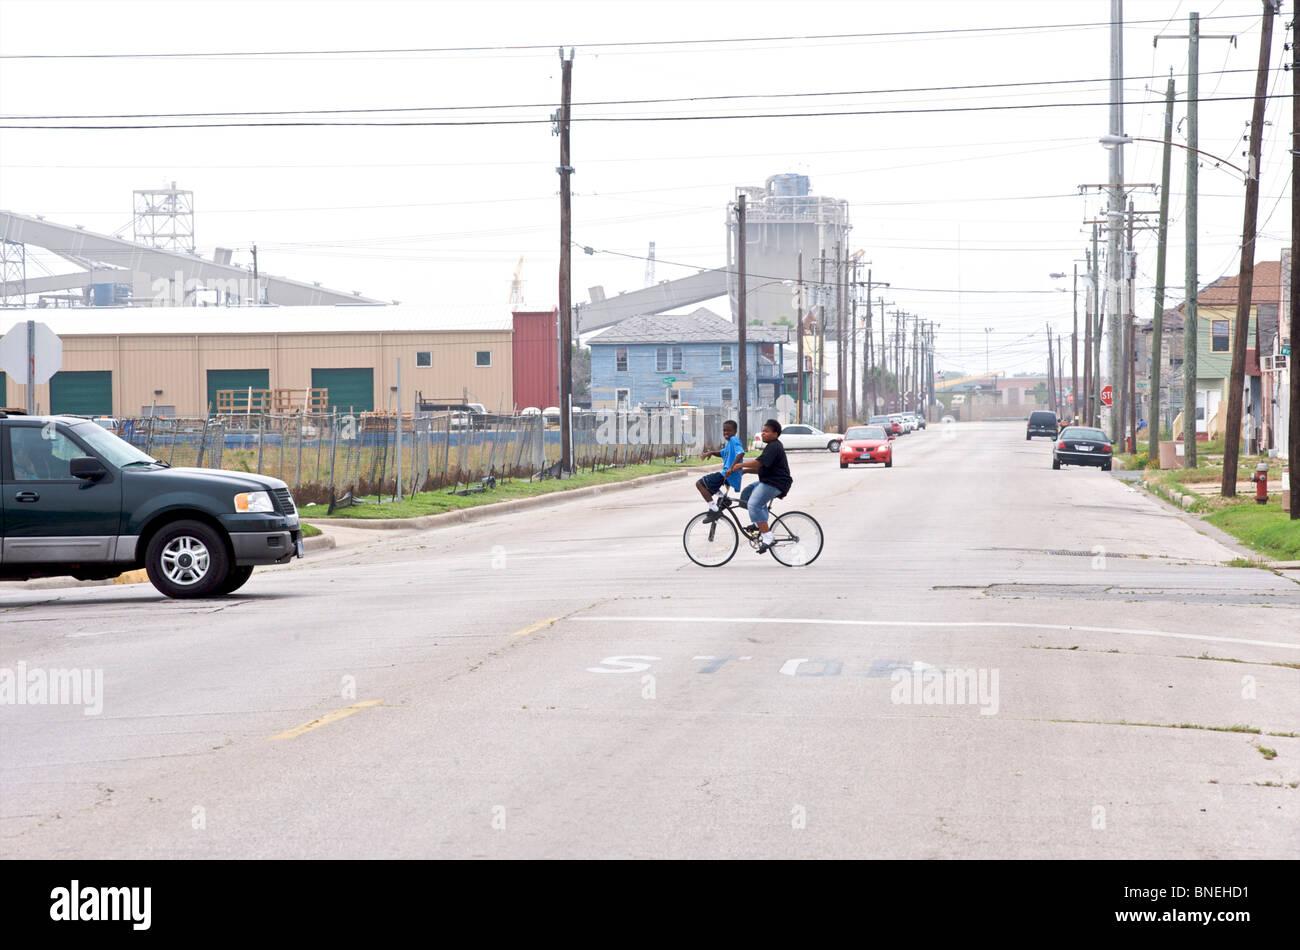 Les enfants à vélo crossing road près de quartier pauvre de Galveston, Texas, États-Unis Banque D'Images